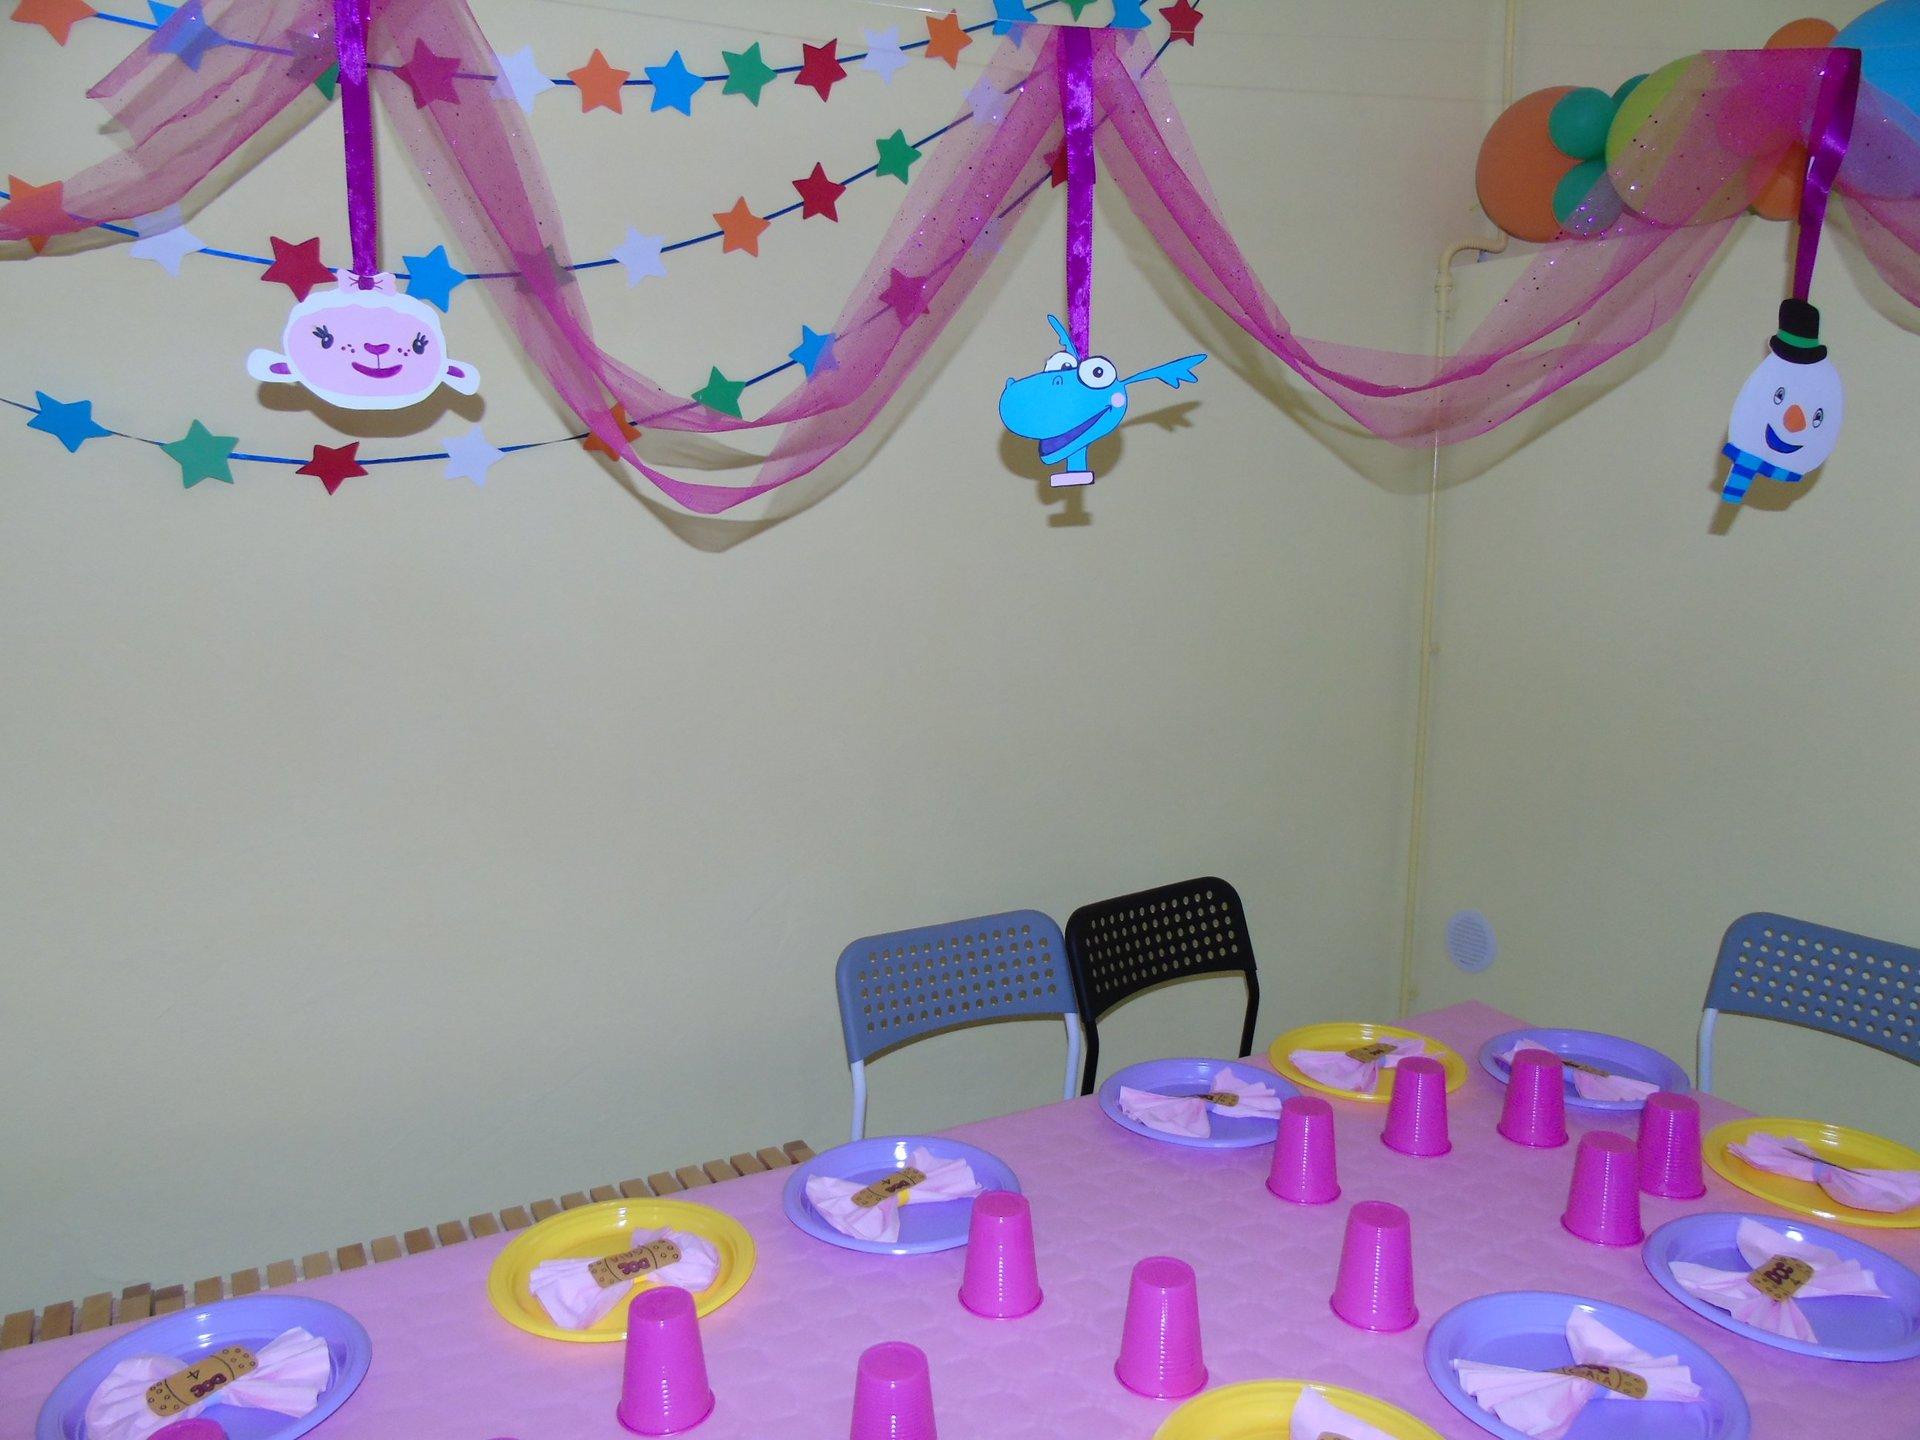 tavolo apparecchiato per festa compleanno